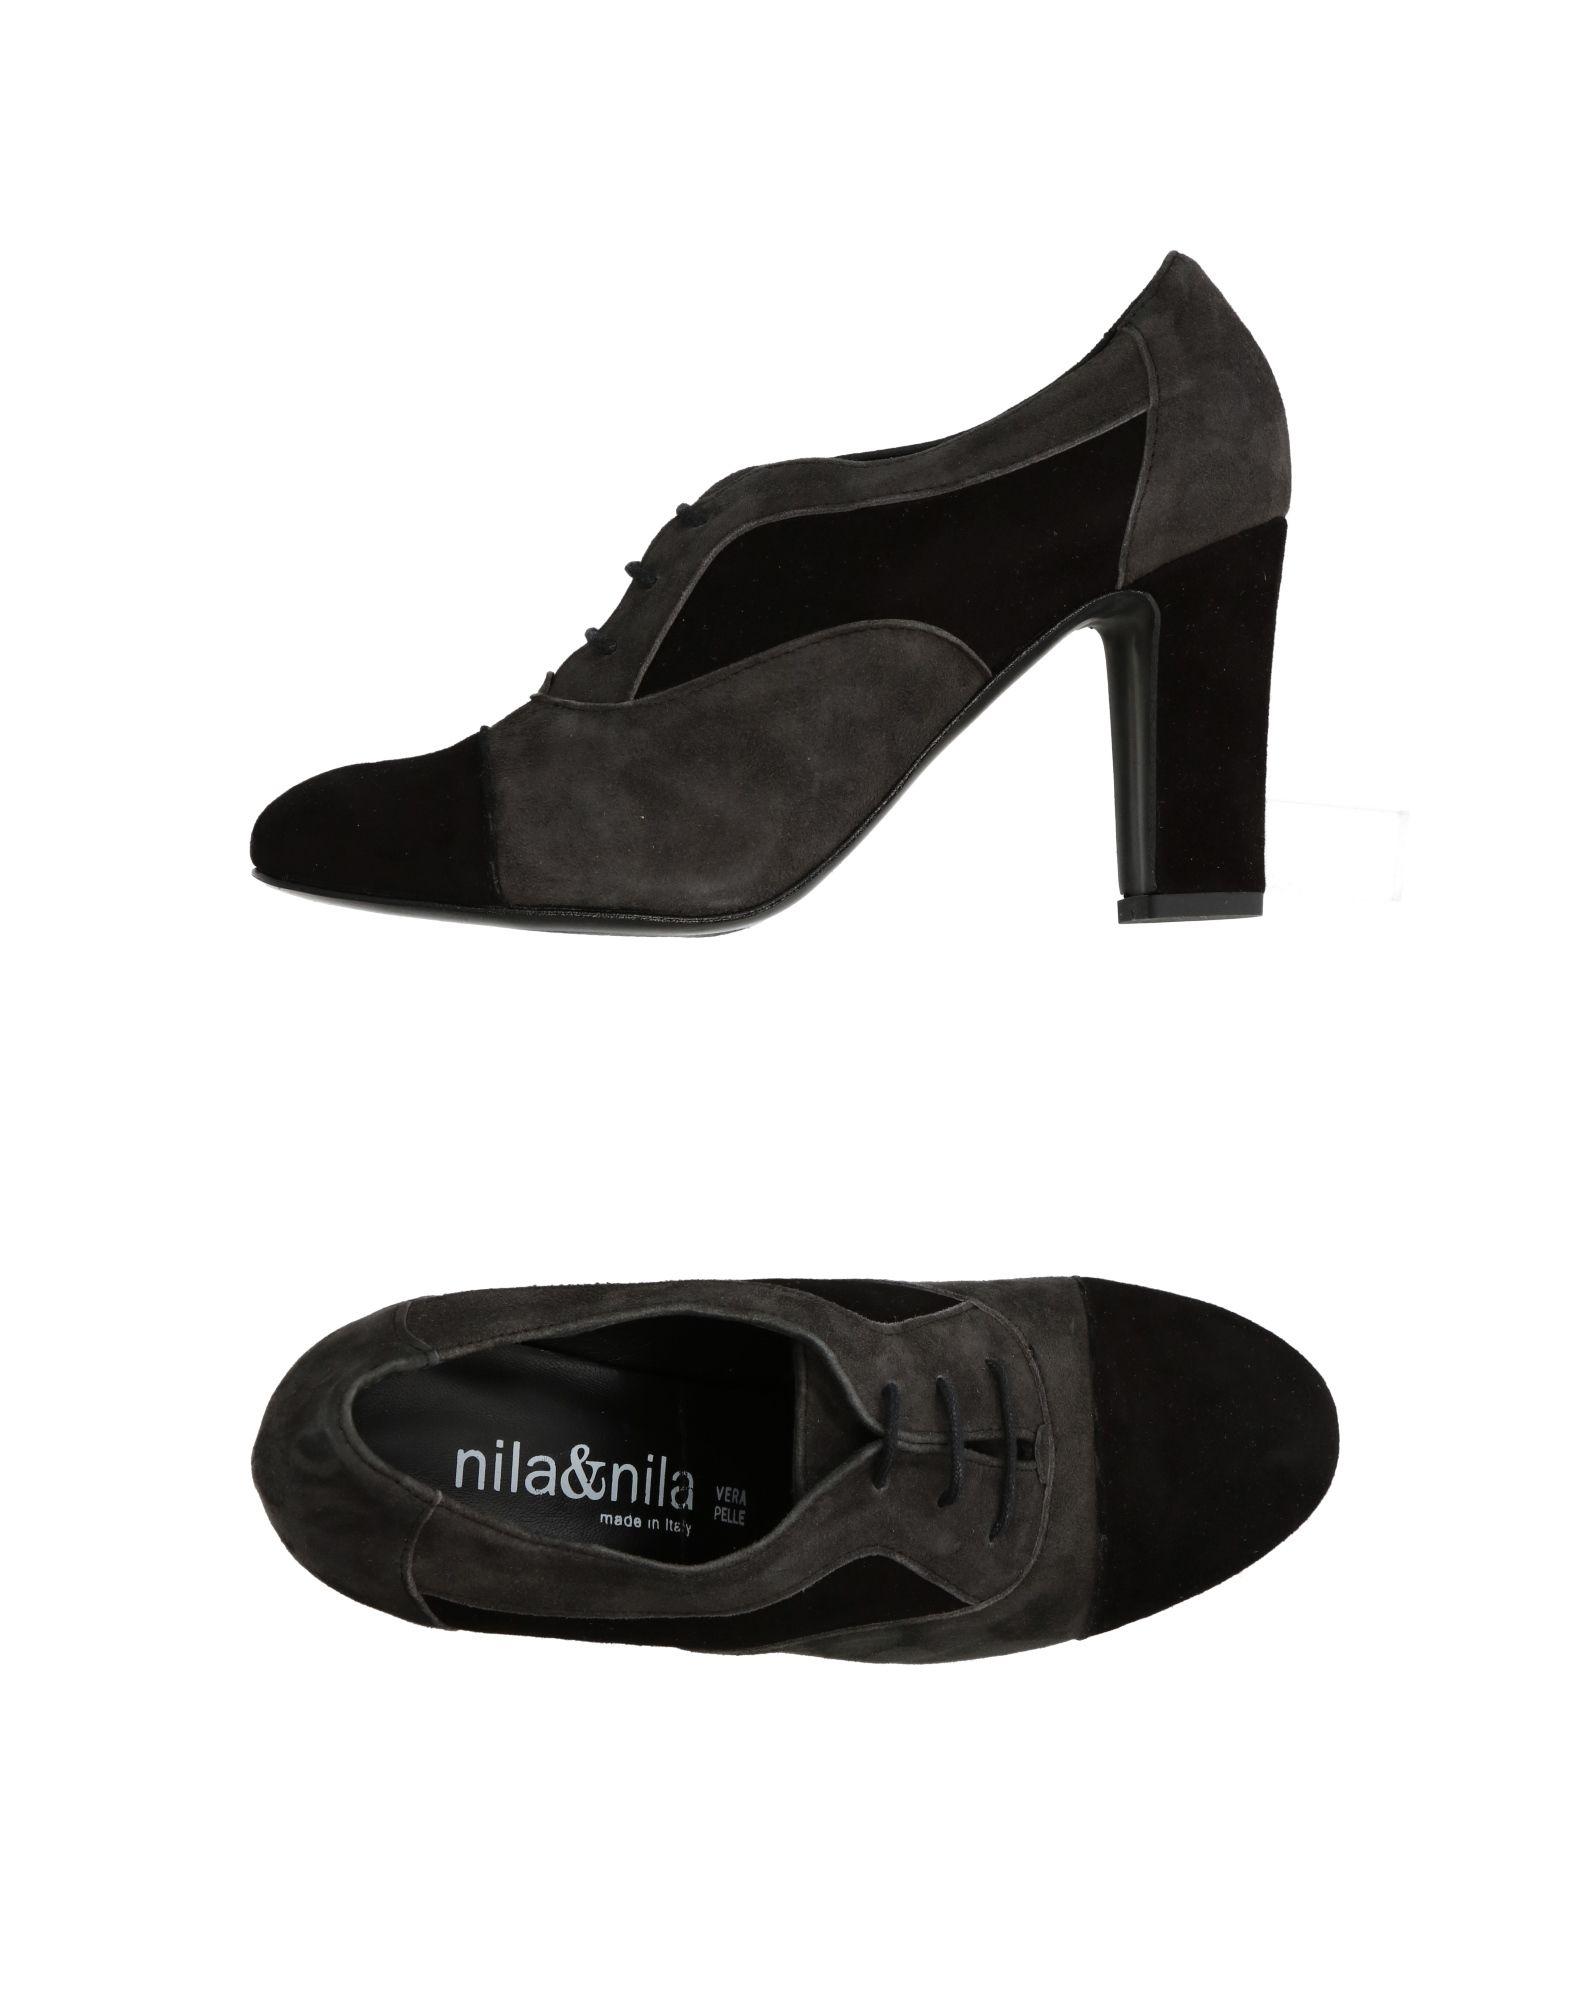 Chaussures À Lacets Nila & Nila Femme - Chaussures À Lacets Nila & Nila sur